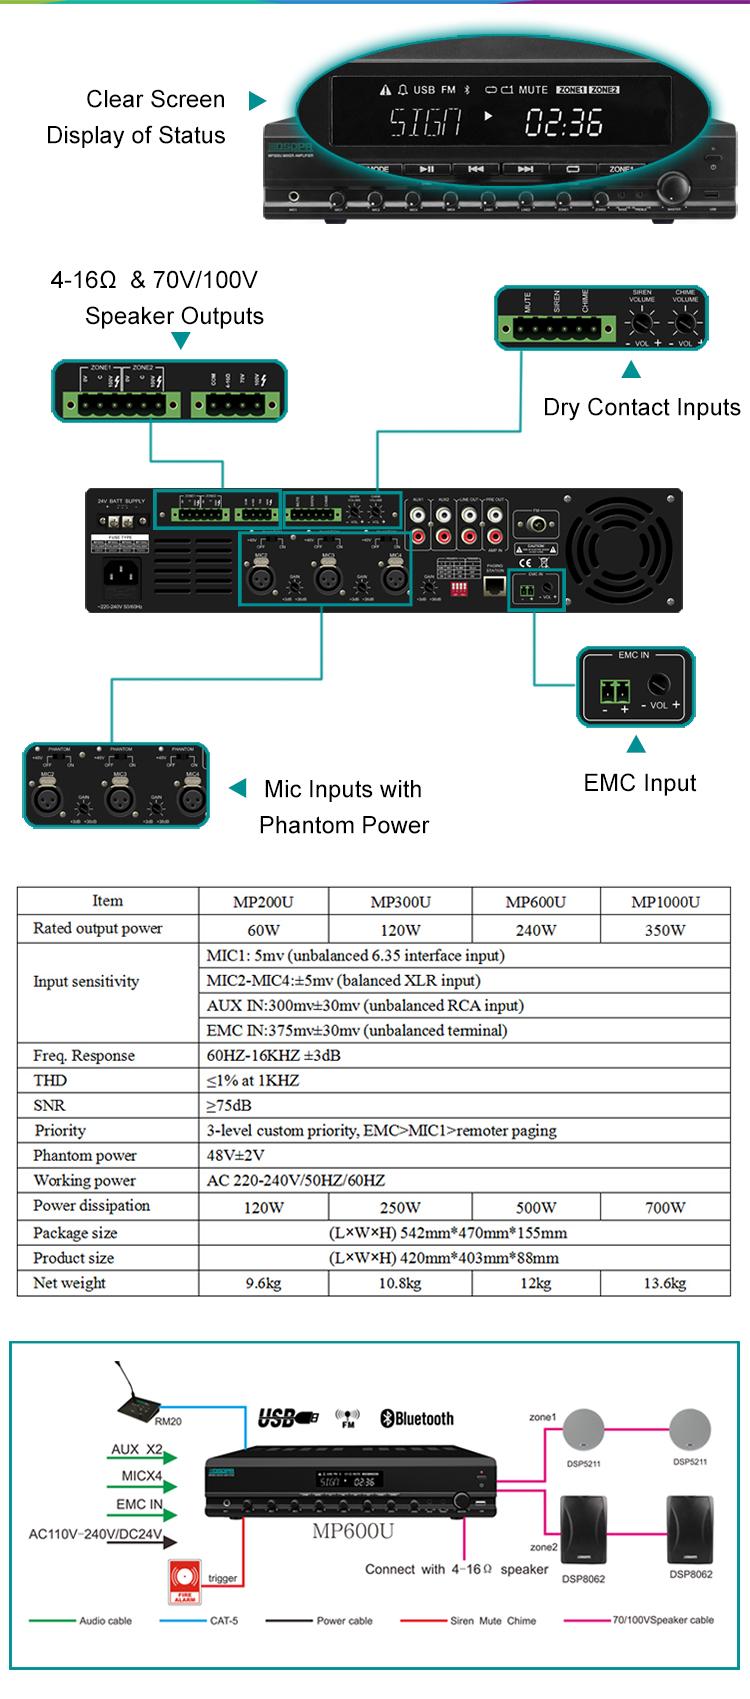 Bộ khuếch đại trộn tích hợp 2 vùng MP600U với phân trang từ xa